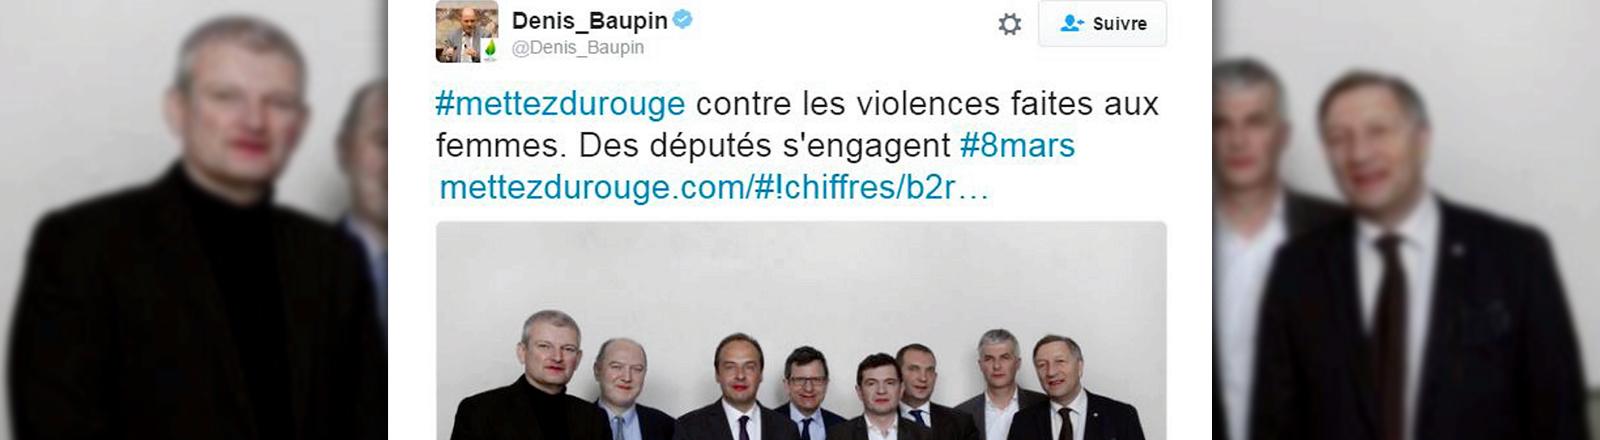 Denis Baupin und seine Kollegen posieren mit geschminkten Lippen